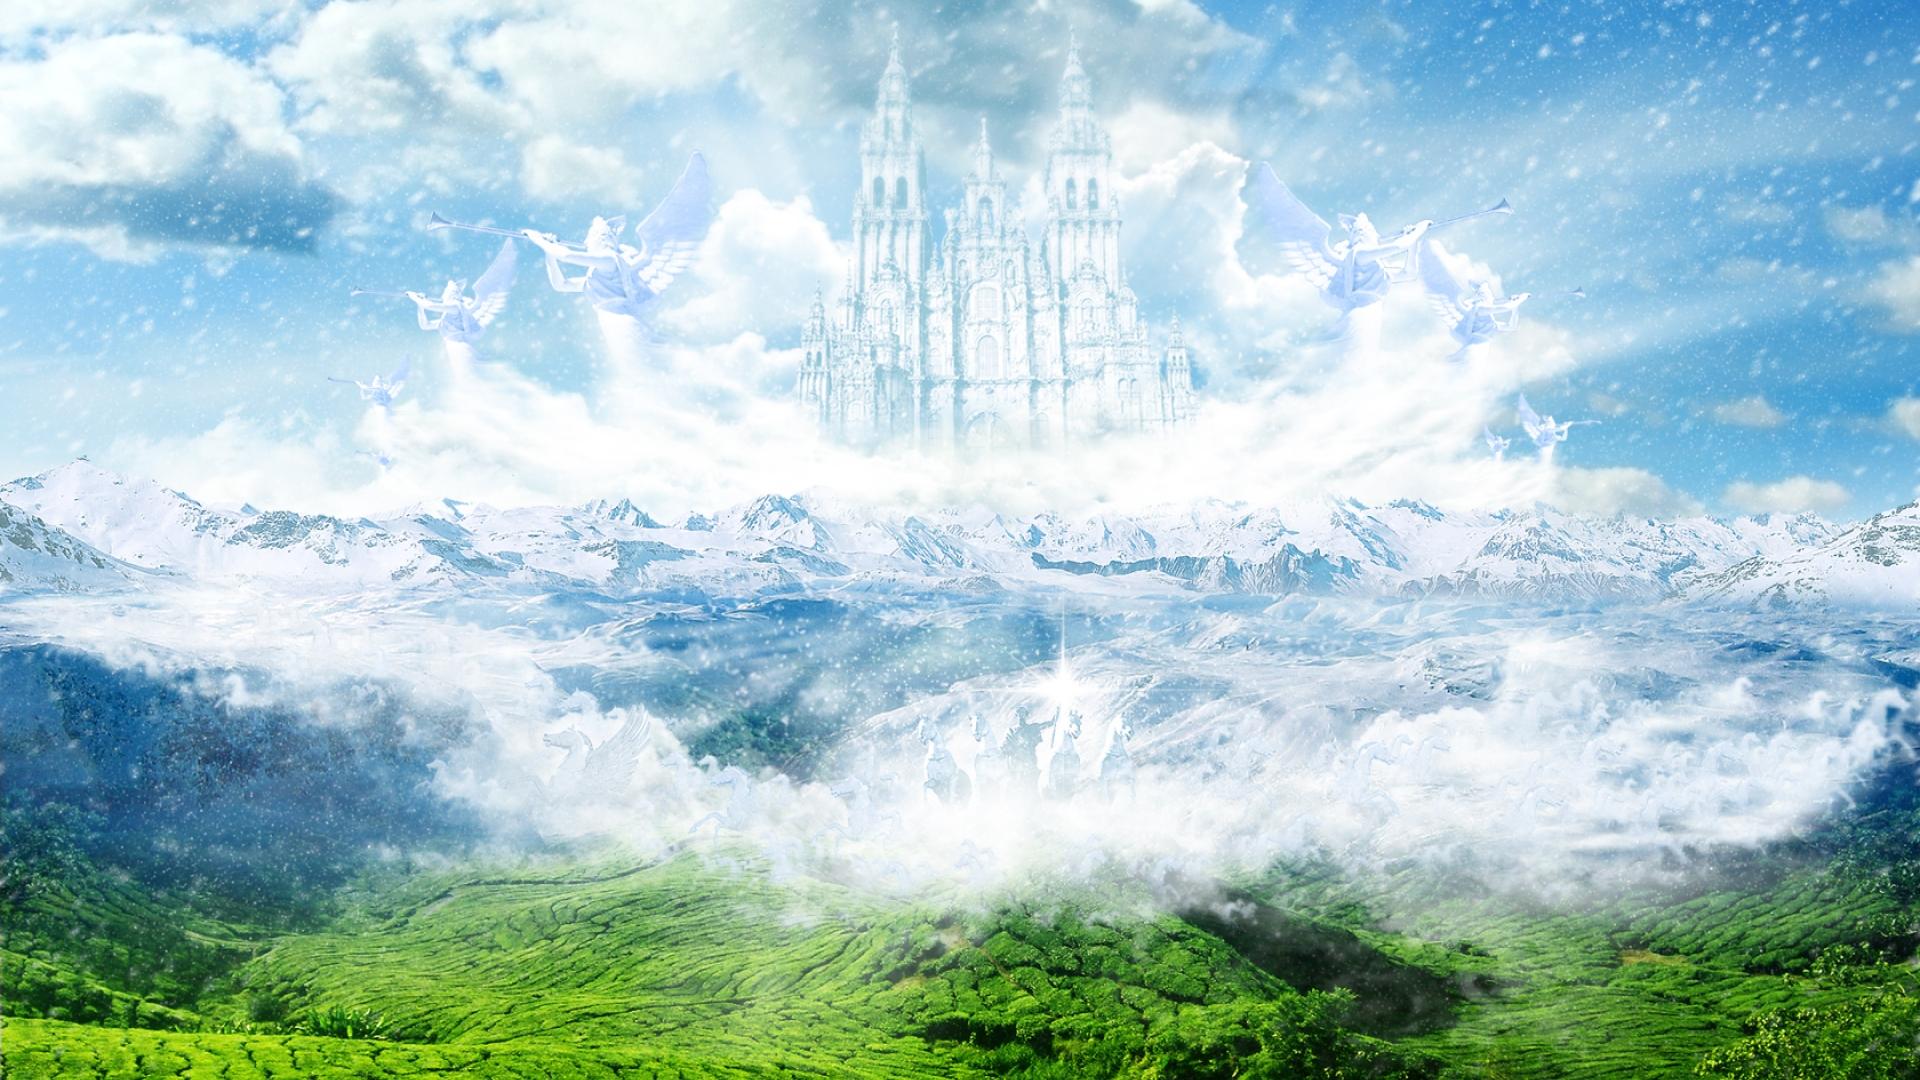 Frozen World Wallpaper